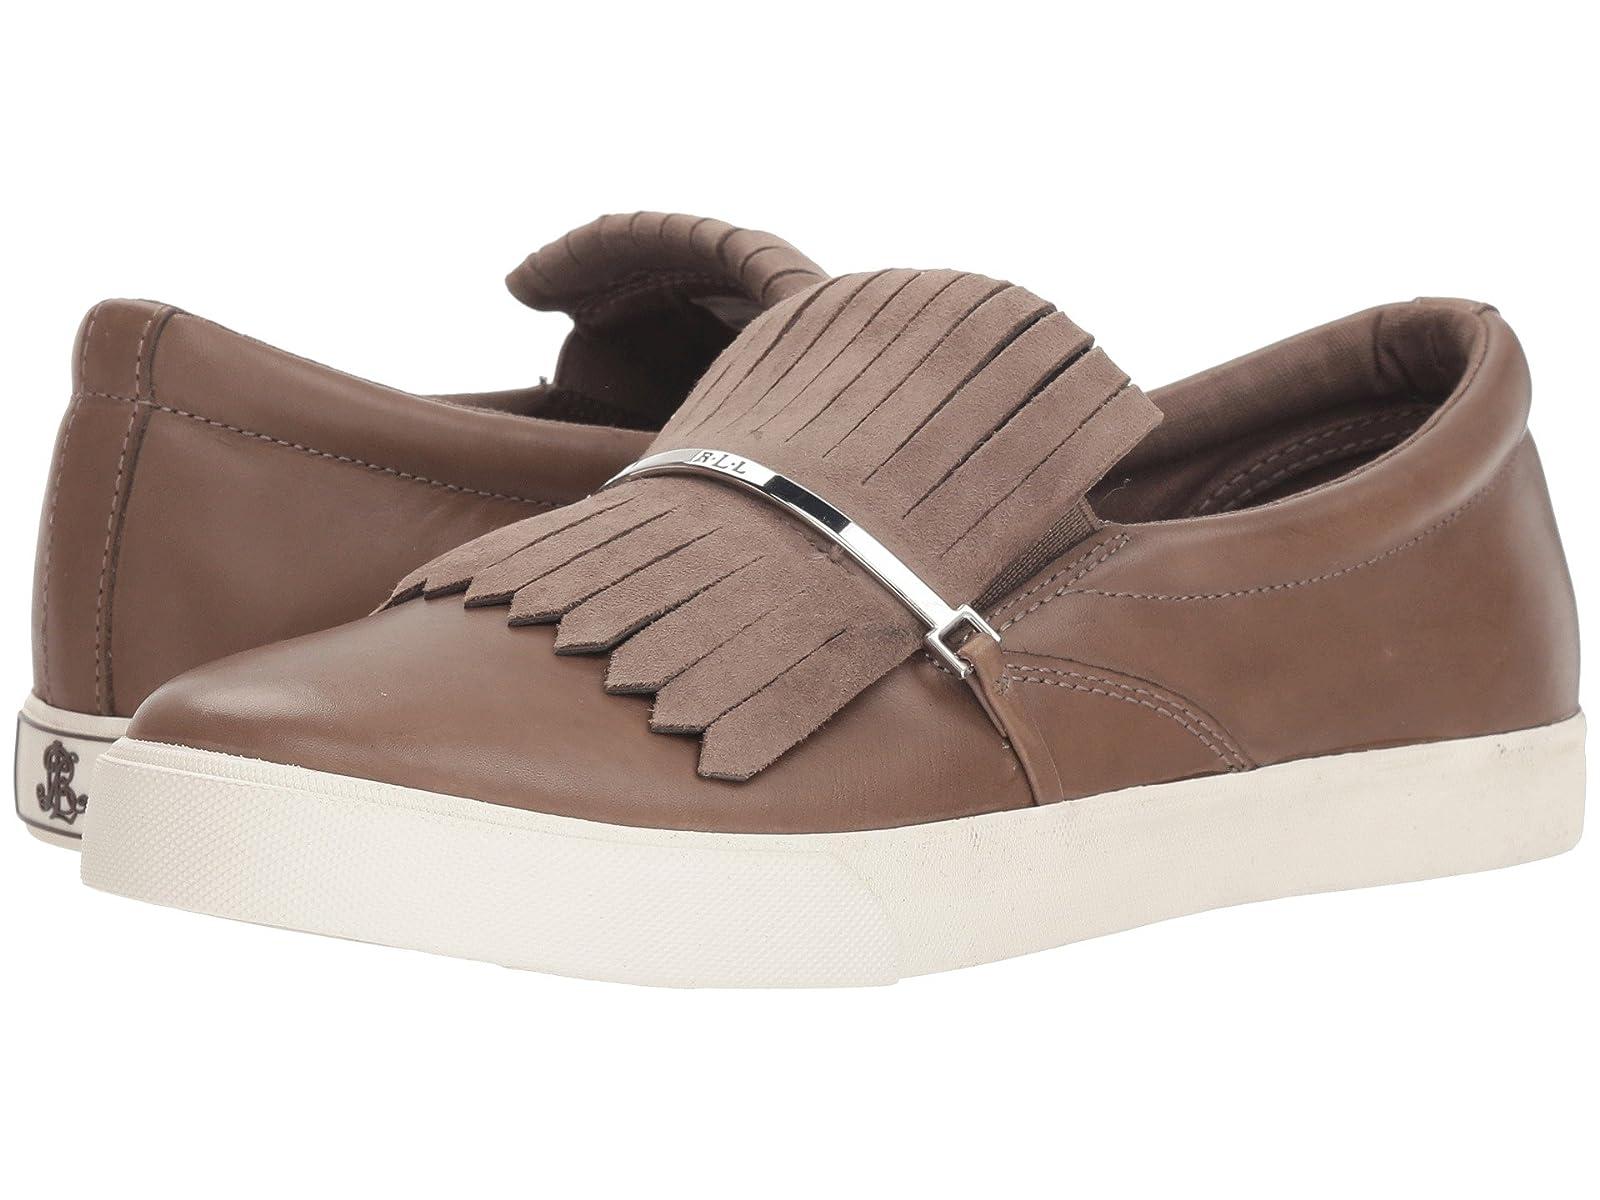 LAUREN Ralph Lauren ReannaAtmospheric grades have affordable shoes